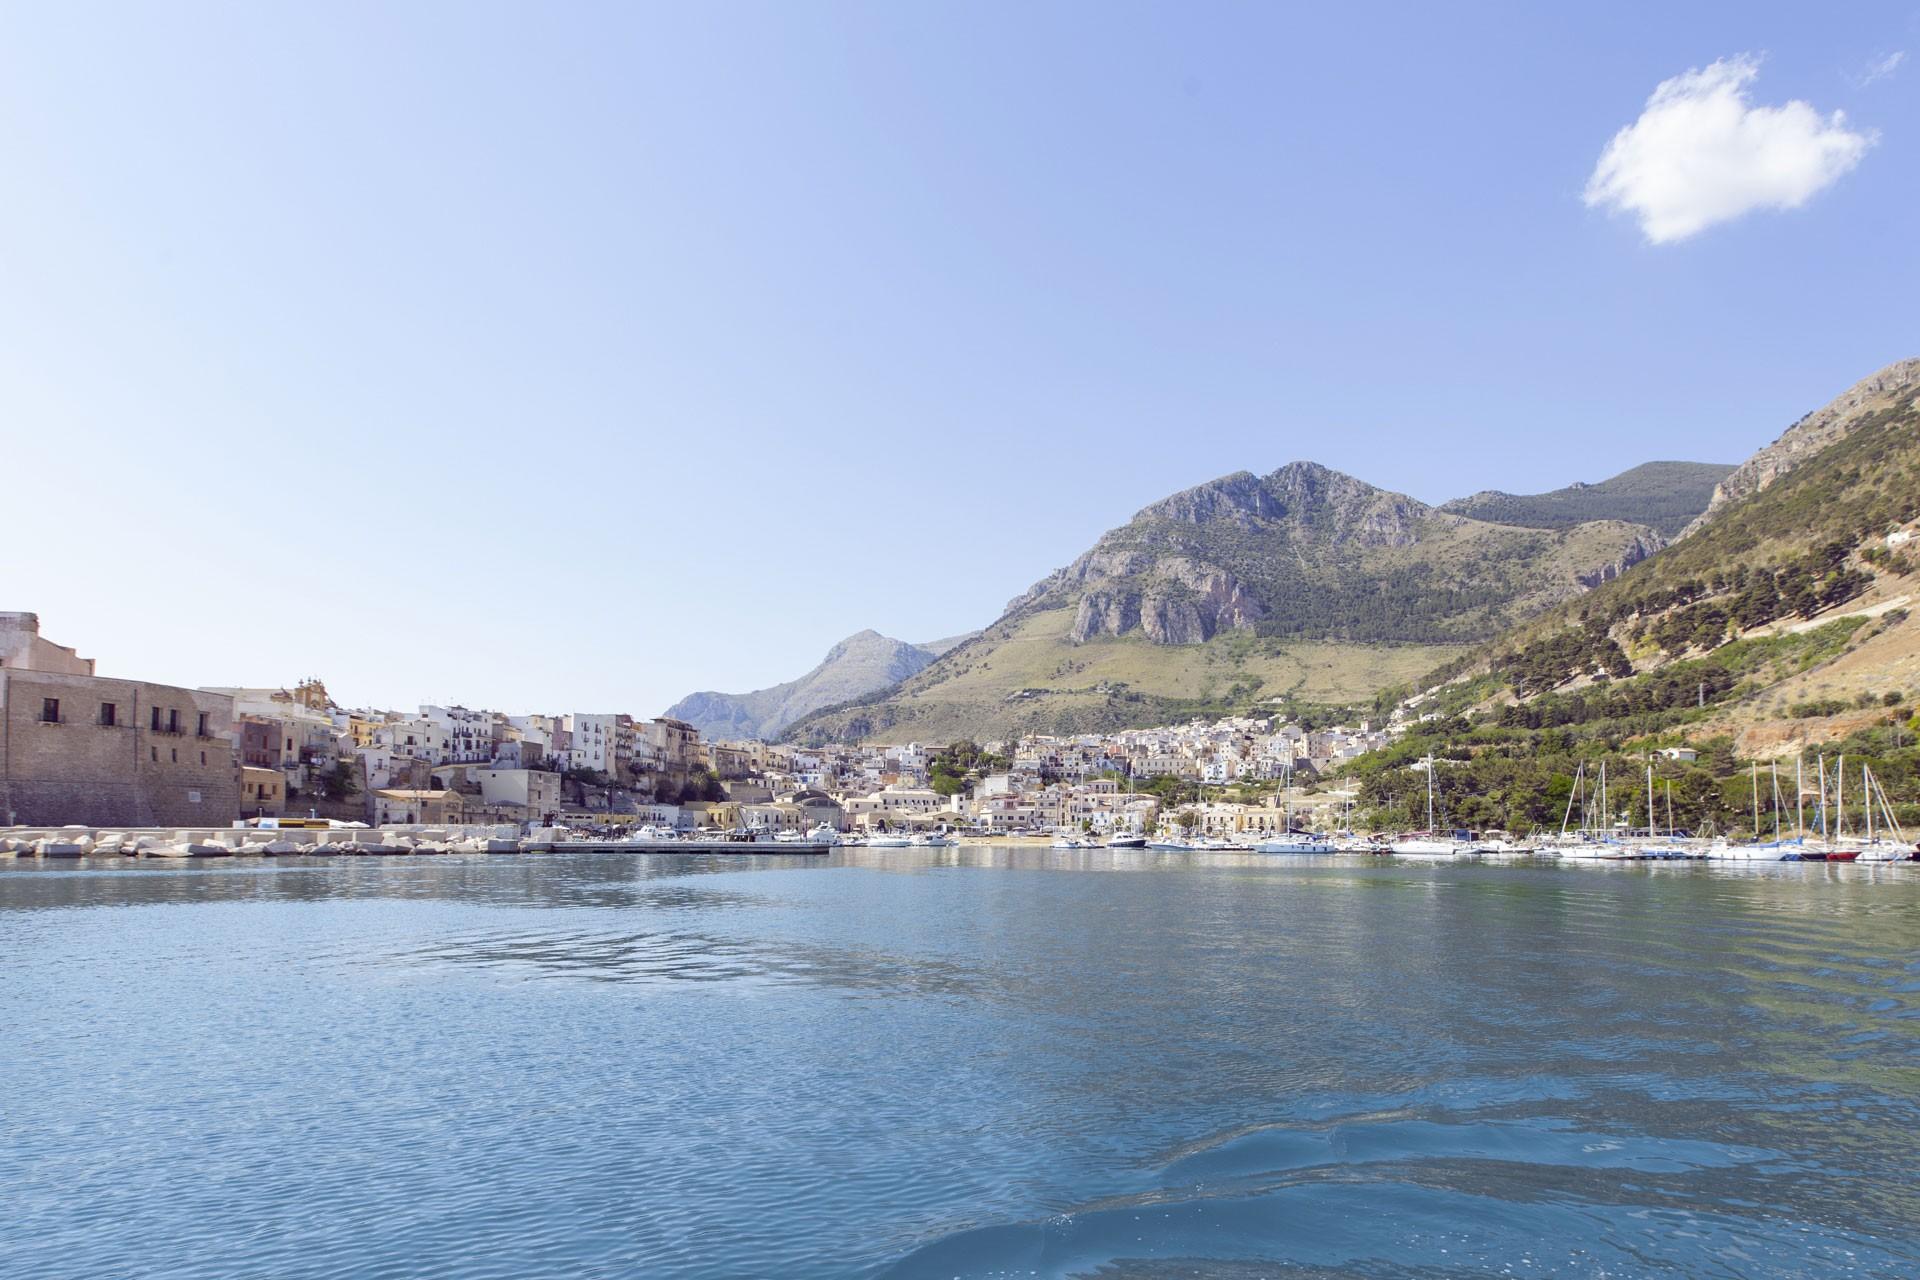 alka-immob-panoramiche-castellammare-del-golfo-trapani